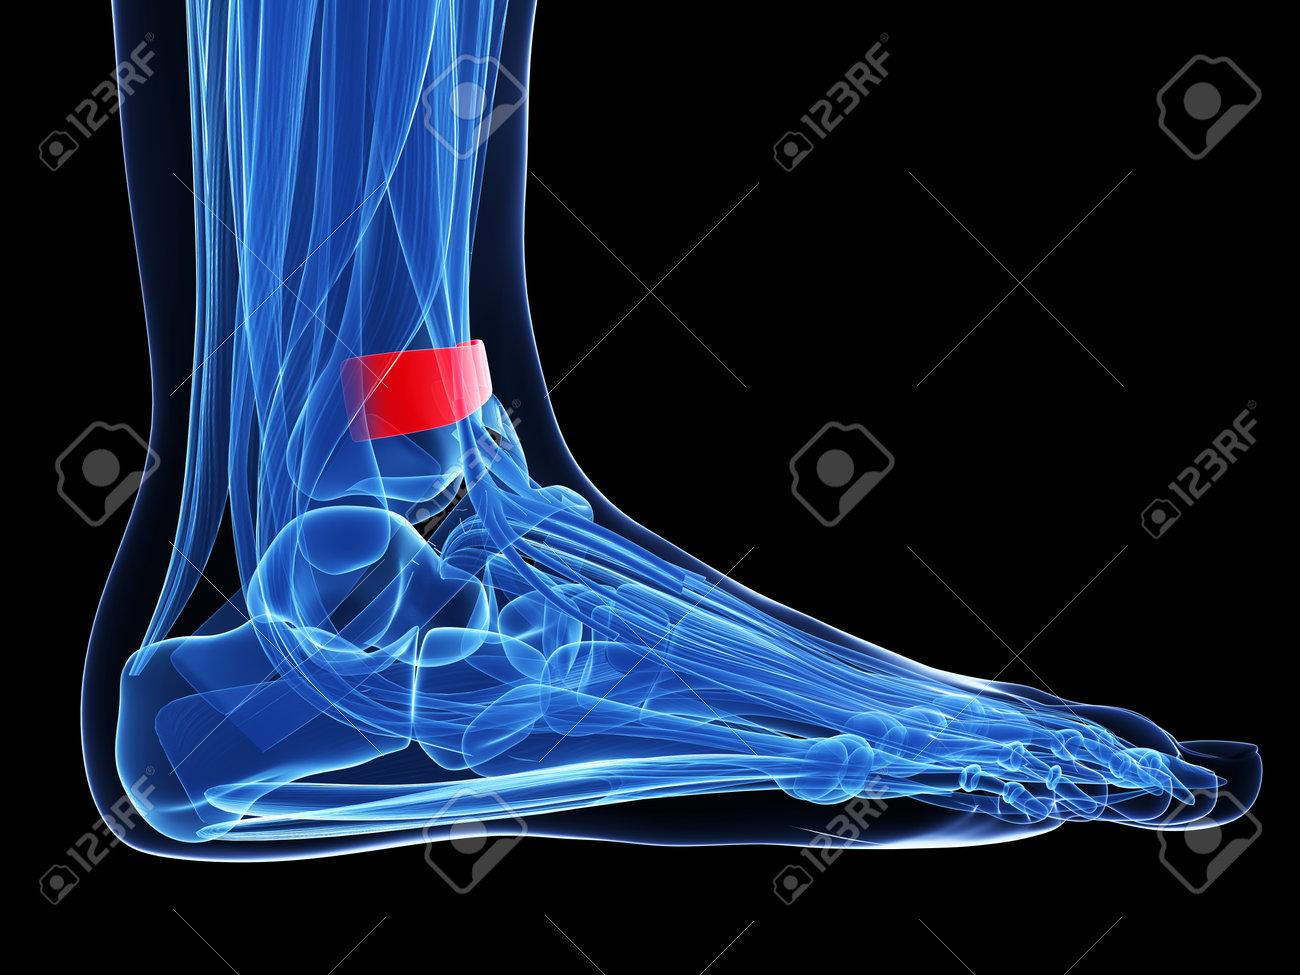 Foot Anatomy - Superior Extensor Retinaculum Stock Photo, Picture ...